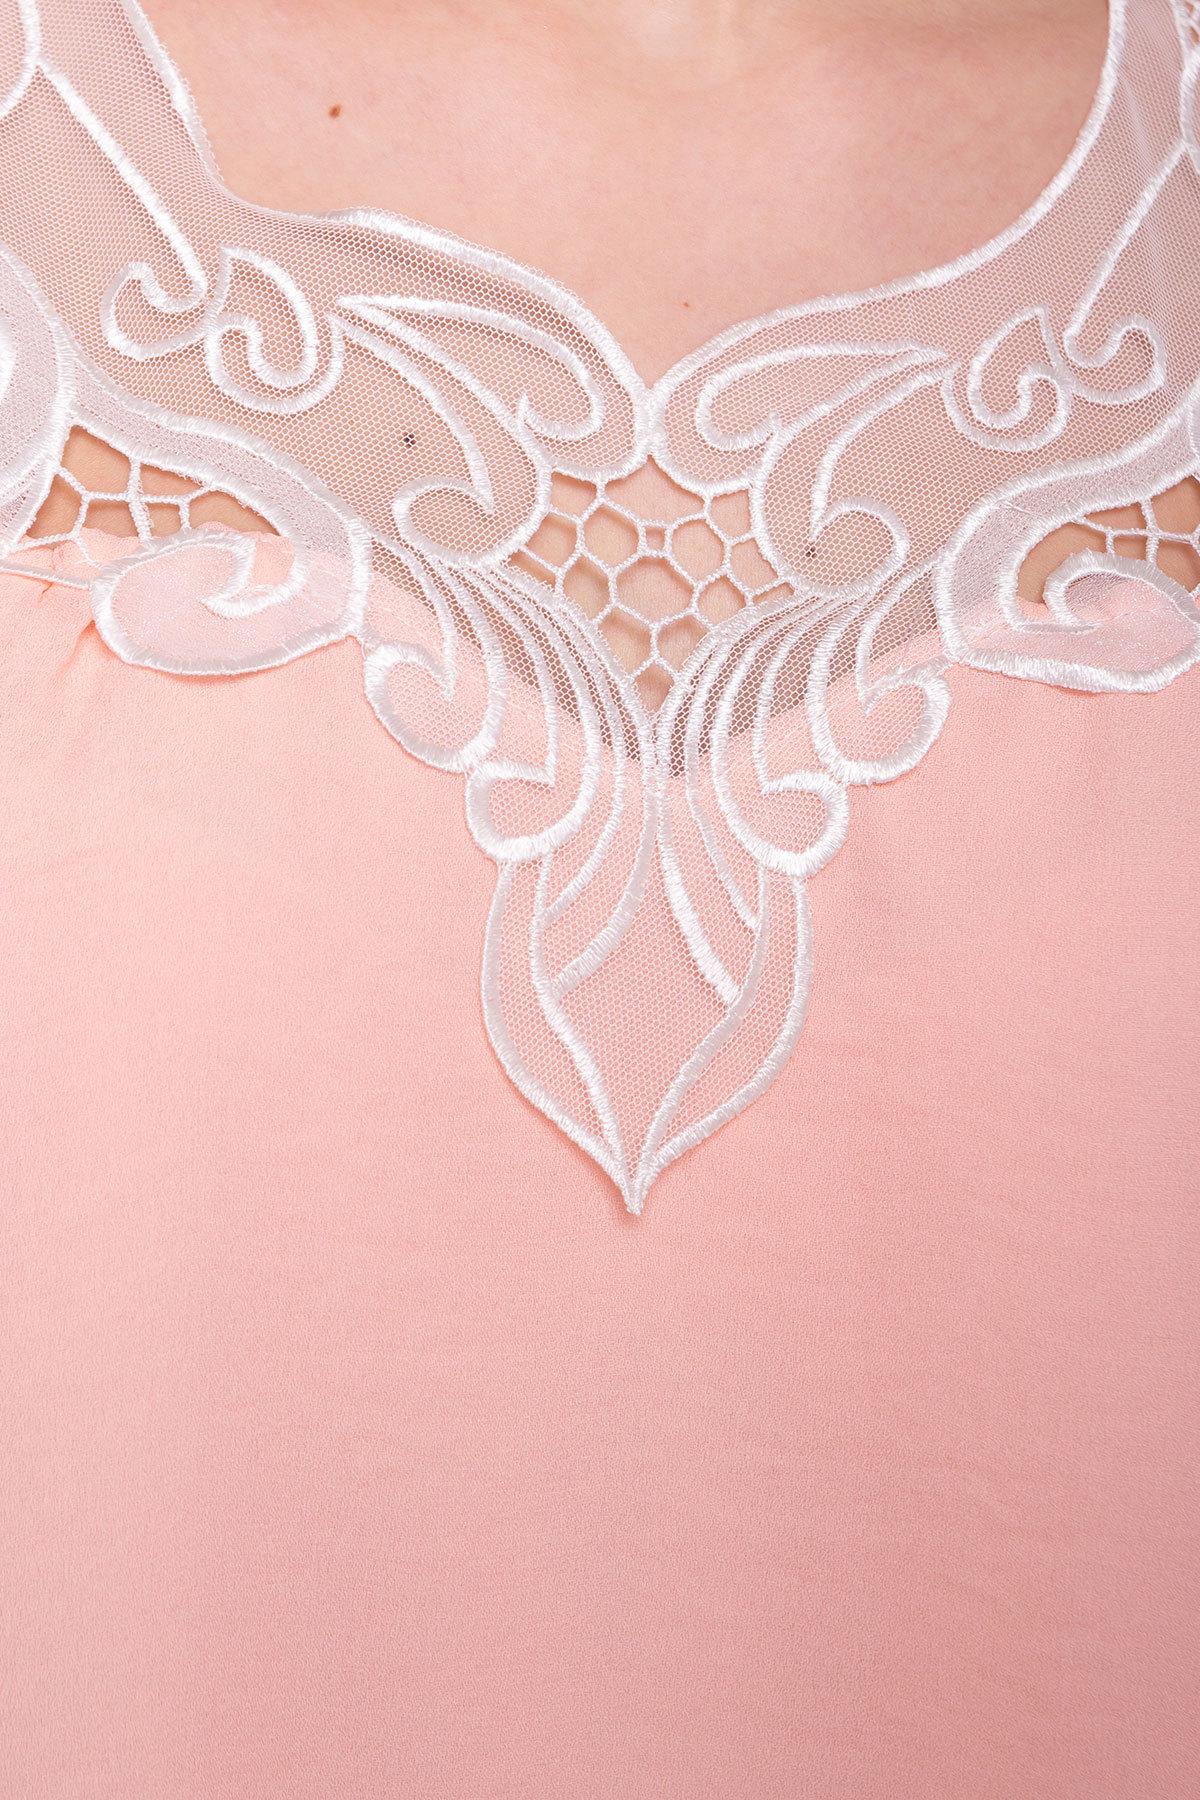 Платье Альбина 3110 АРТ. 16062 Цвет: Персик - фото 4, интернет магазин tm-modus.ru